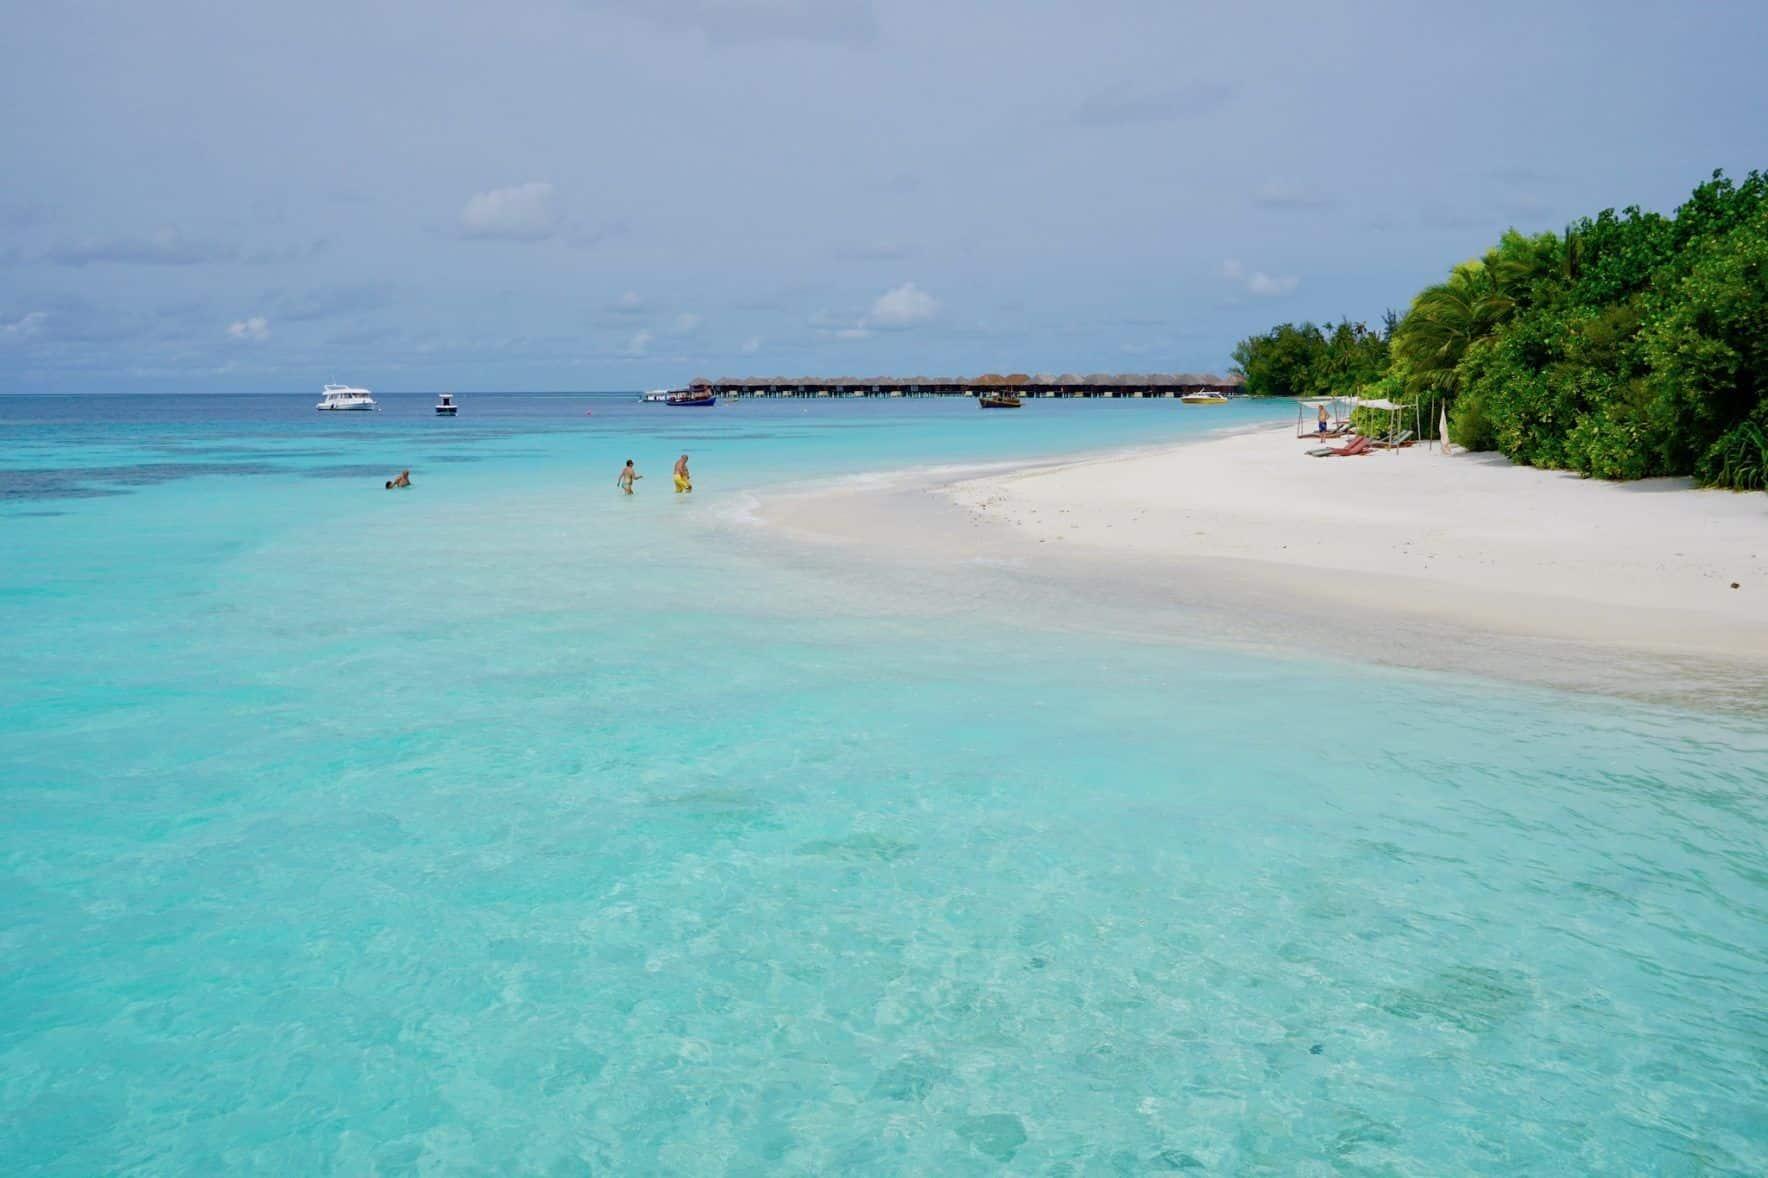 Die Lagune von Coco Bodu Hithi: Bei diesem Anblick kann man die Zeit einfach nur im Wasser verbringen. Foto: Sascha Tegtmeyer Reisebericht Coco Bodu Hithi Tipps Malediven Erfahrungen